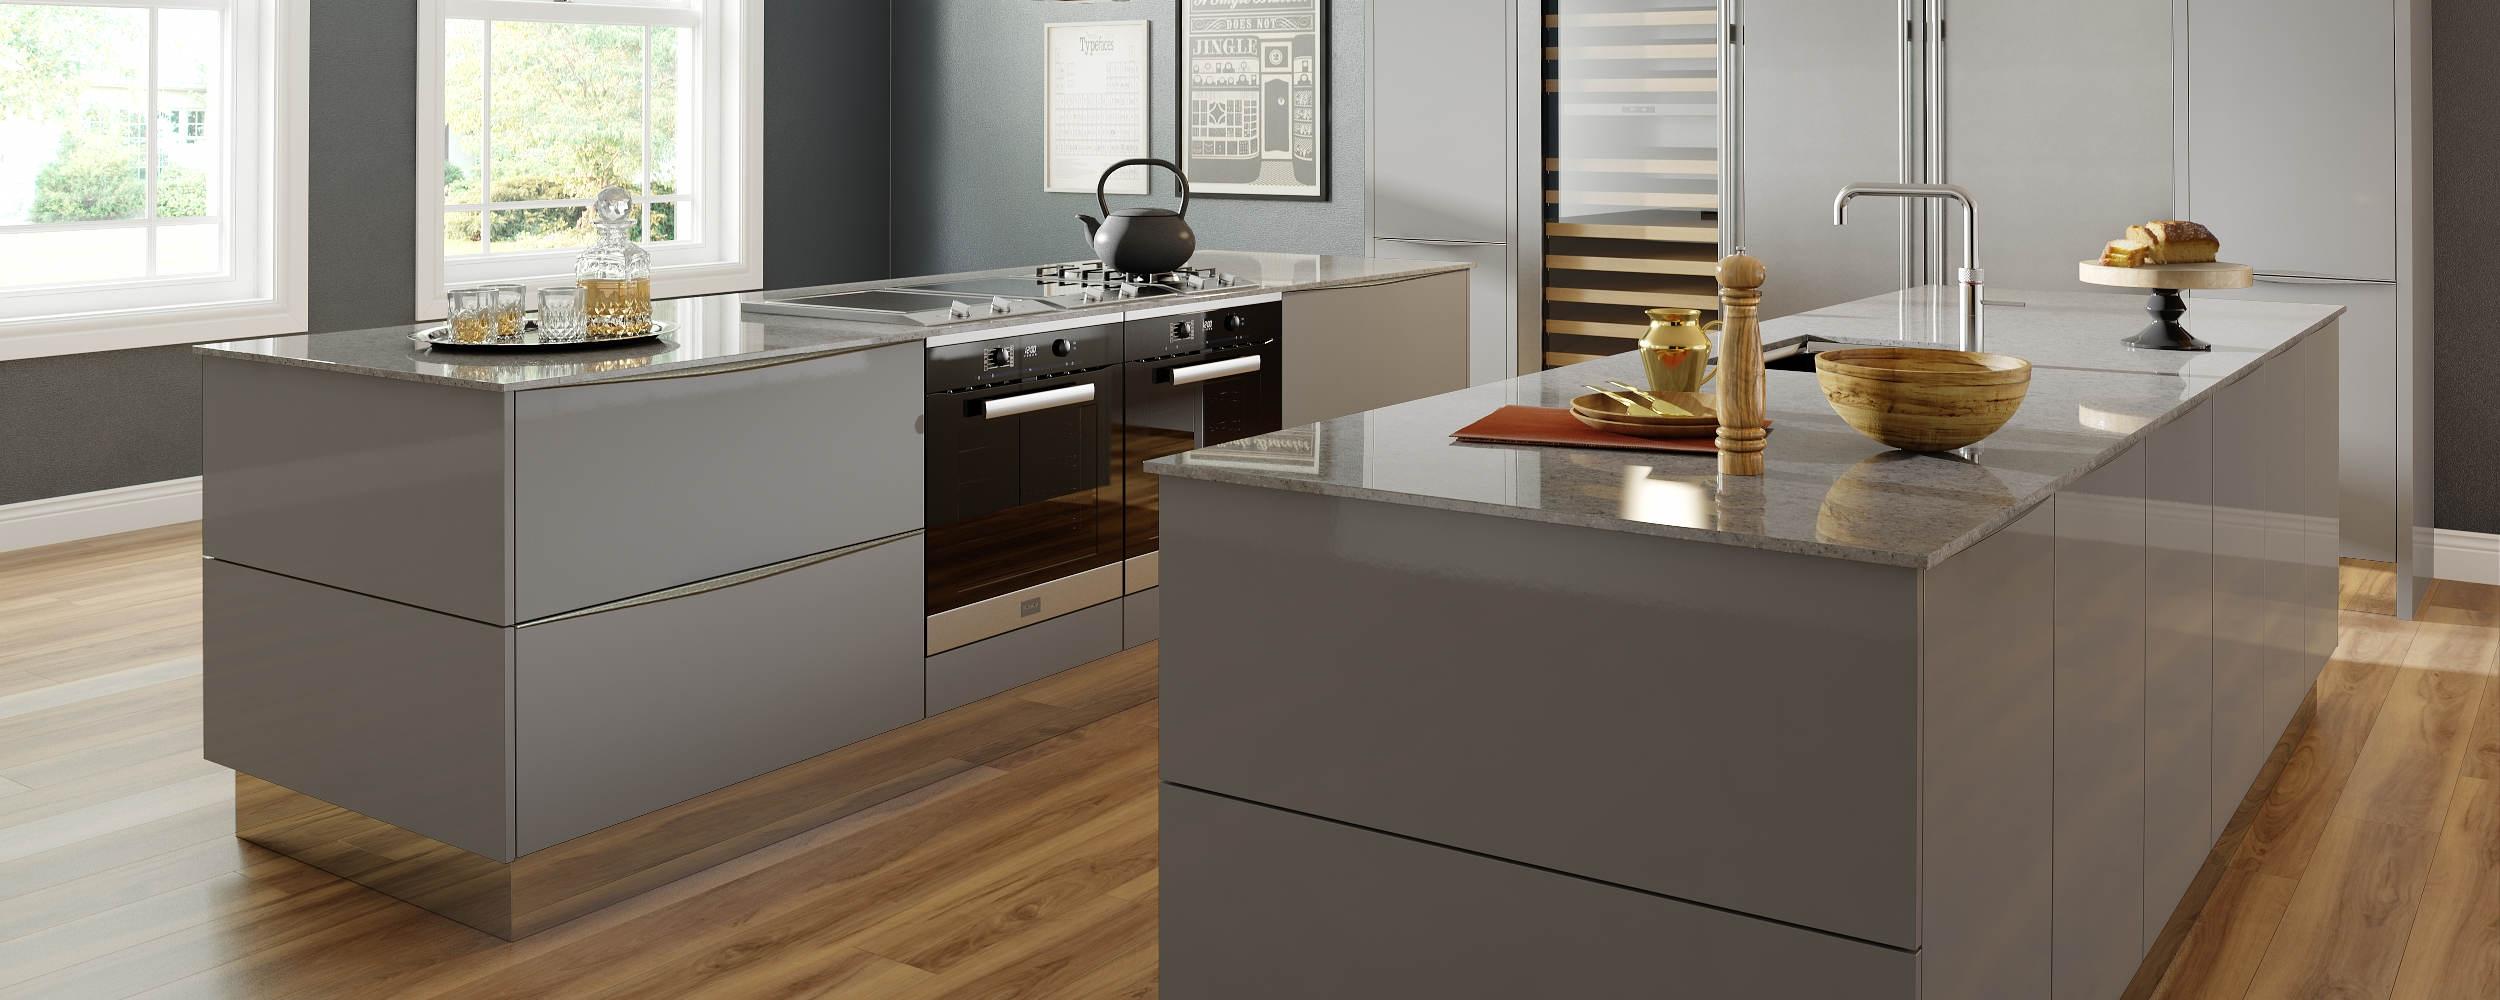 kitchen-design-dunfermline